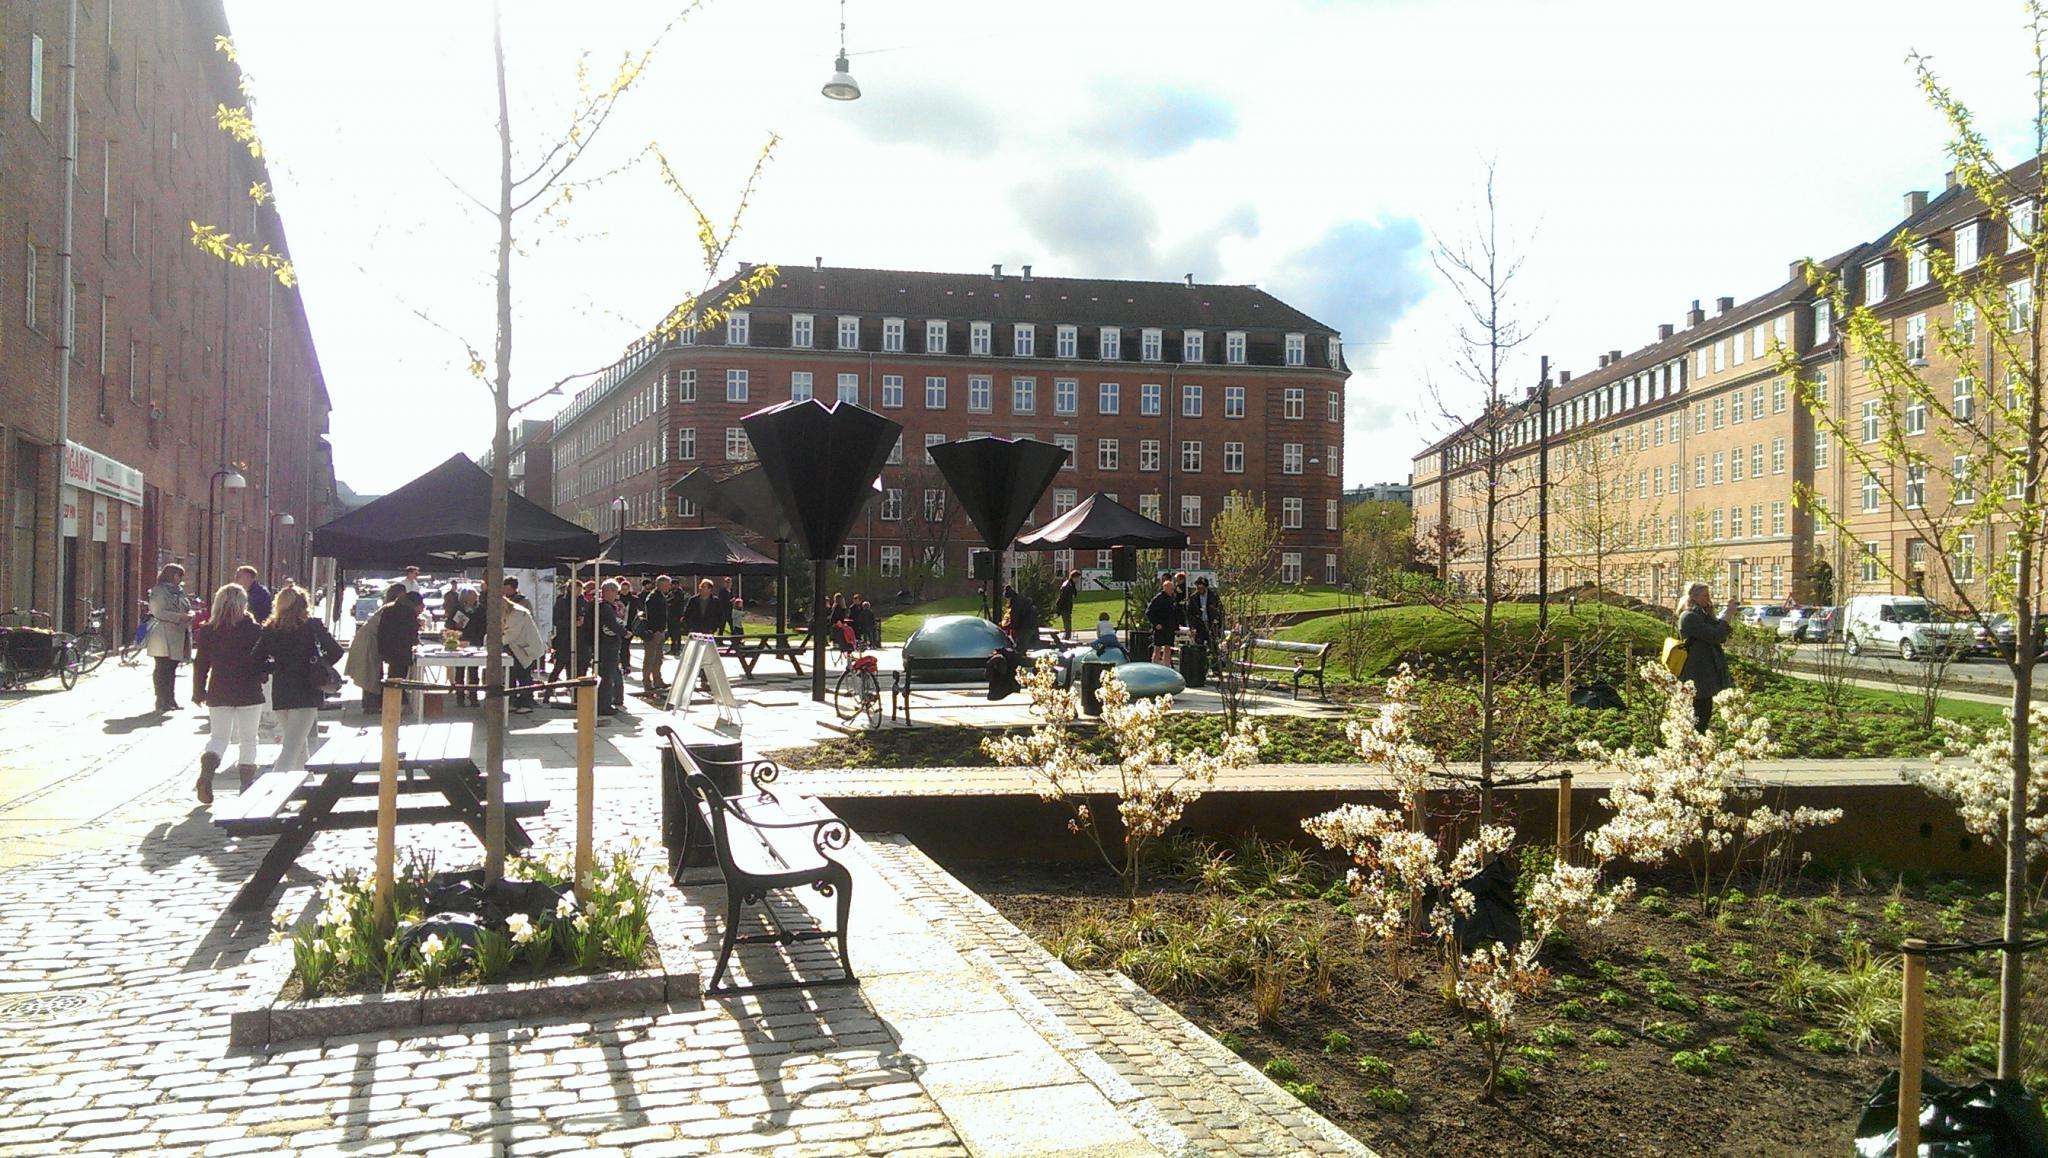 fot. klimakvarter.dk